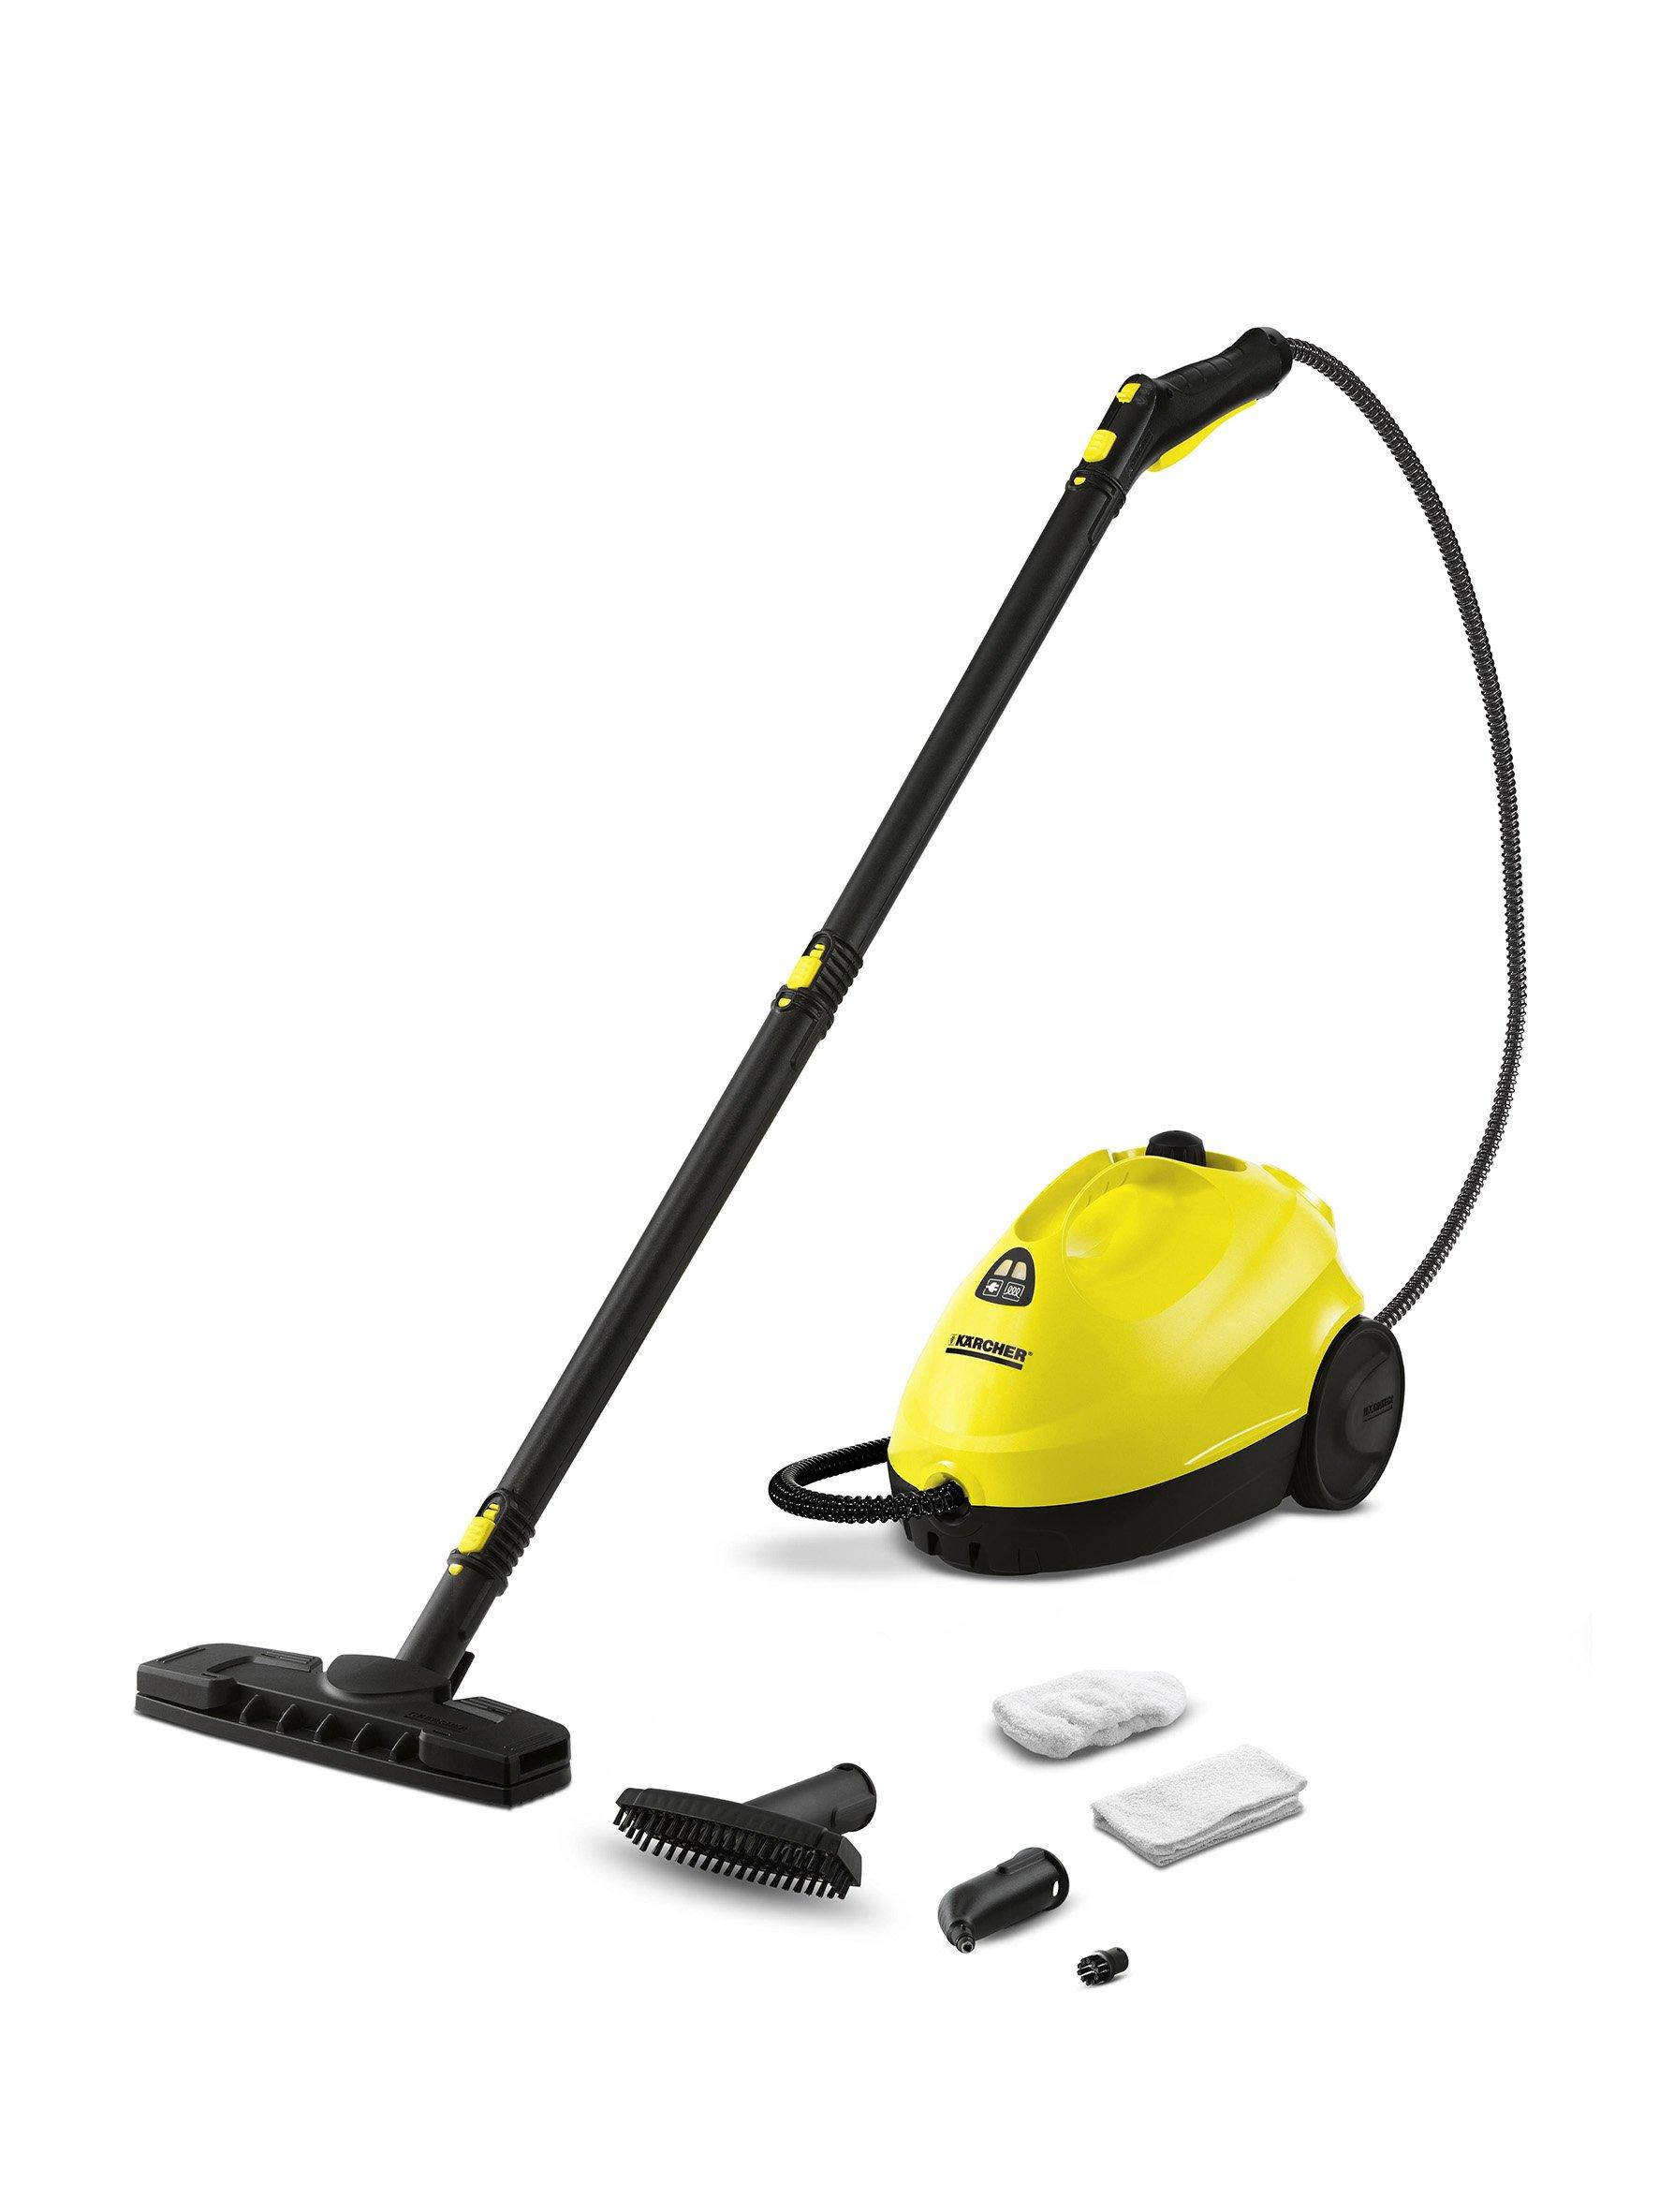 Kärcher 1.512-227.0 Limpiador a Vapor, 1500 W, amarillo: Amazon.es ...